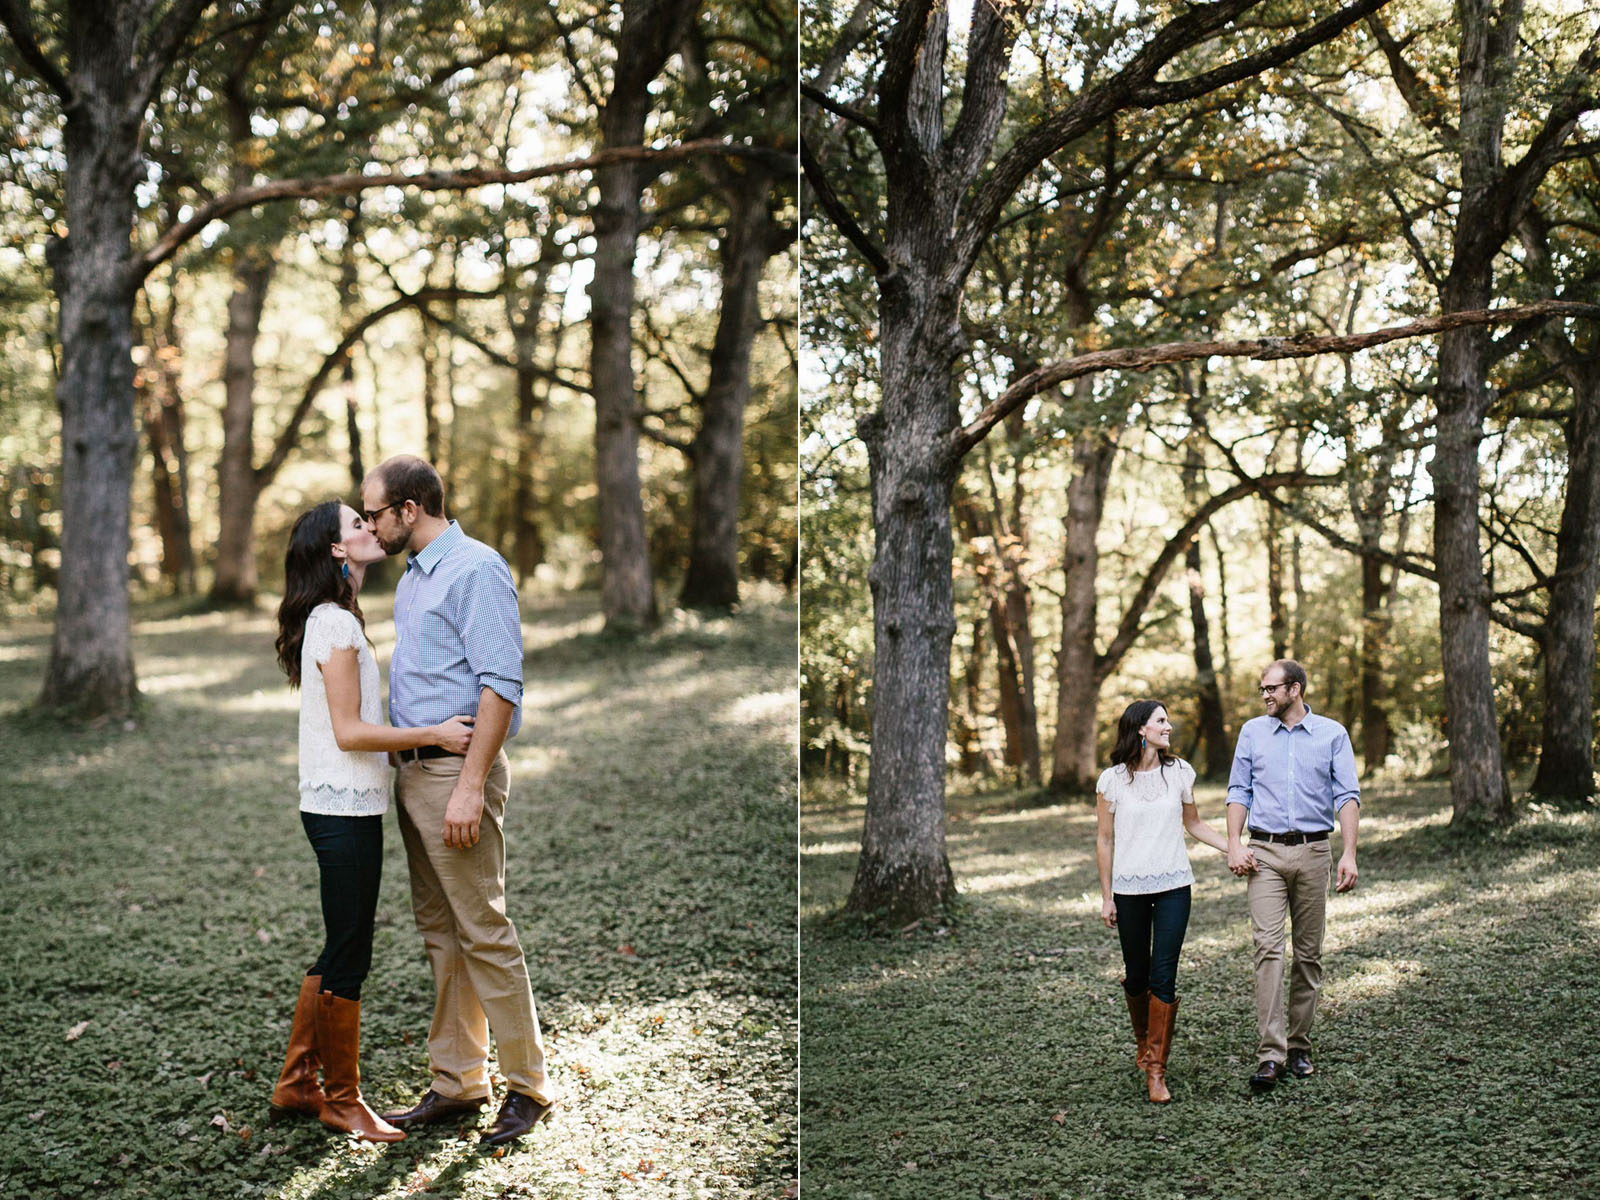 Meaghan&Matt_Ledges_State_Park_Engagement_Photographer_06.jpg